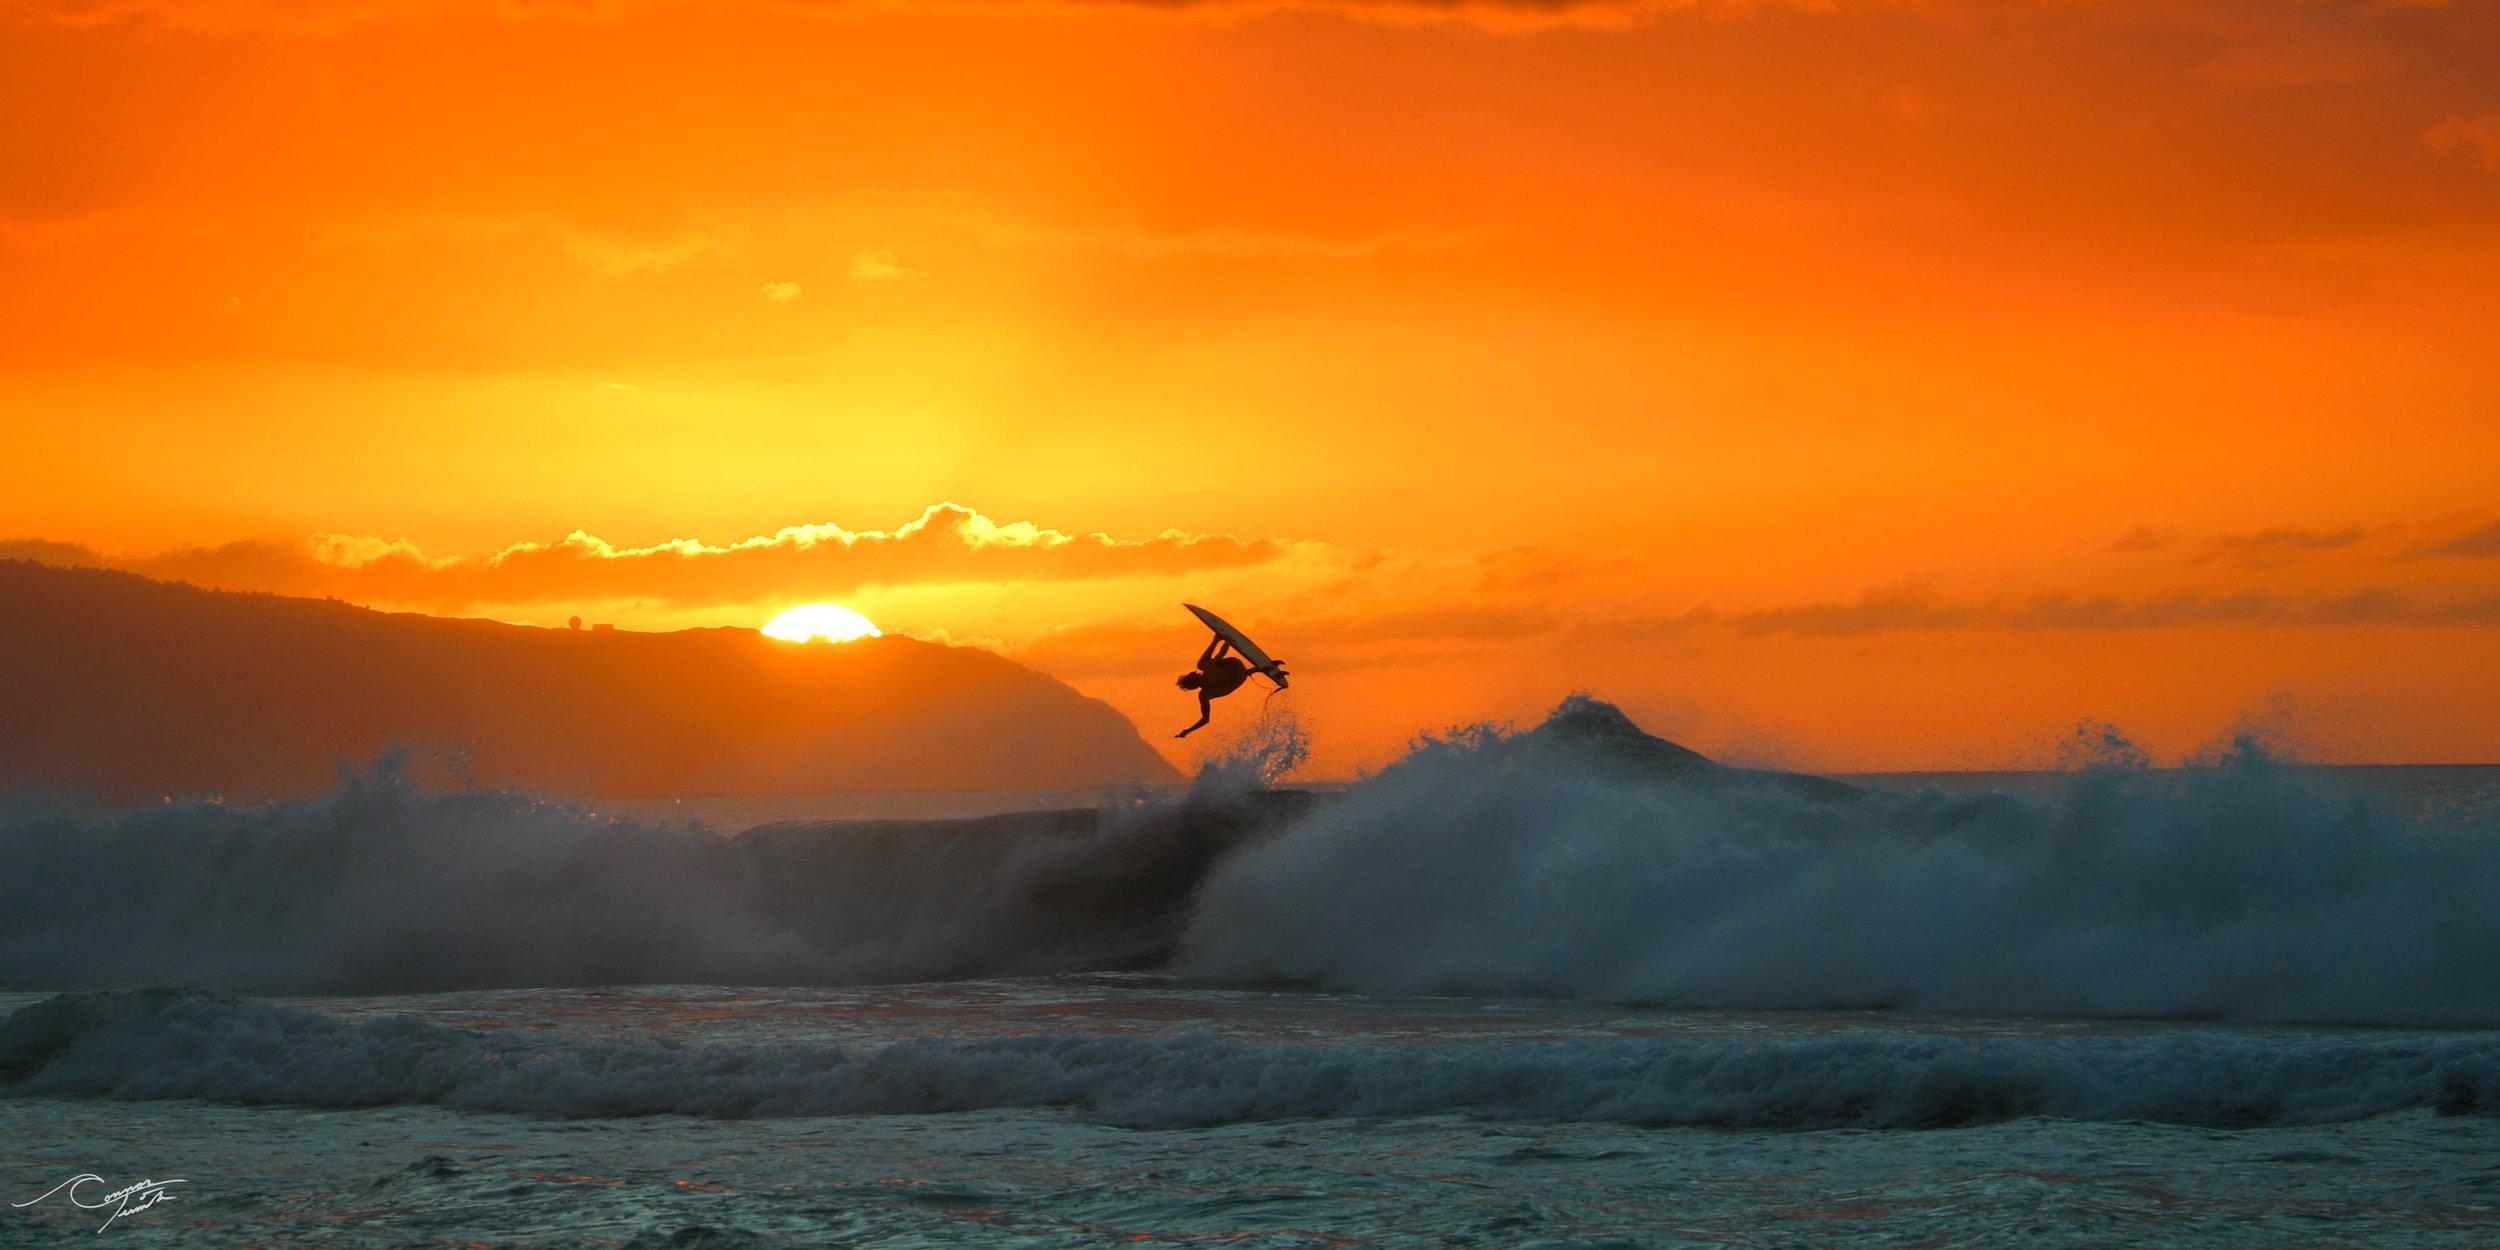 koa smith surf photography